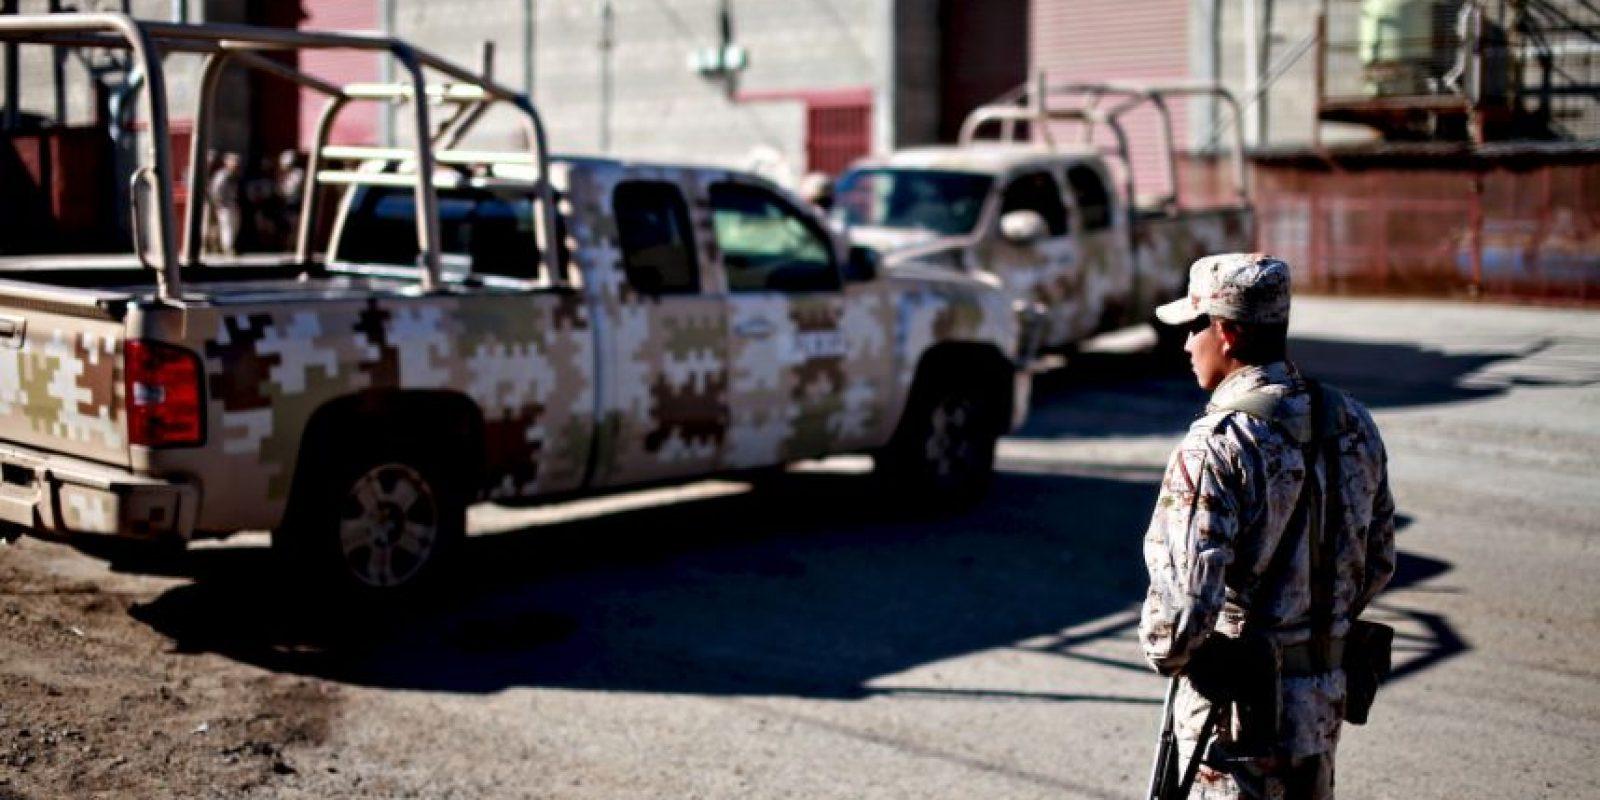 """Fue detenido en un operativo """"limpio"""" el 22 de febrero de 2014. Recientemente se dio a conocer que junto a otros capos del narcotráfico mexicano presentó una queja ante la Comisión Nacional de Derechos Humanos por """"las condiciones irregulares en las que se hace la visita familiar, el hacinamiento e insalubridad de las celdas, la precaria alimentación y los problemas con las llamadas telefónicas"""". Foto:Getty Images"""